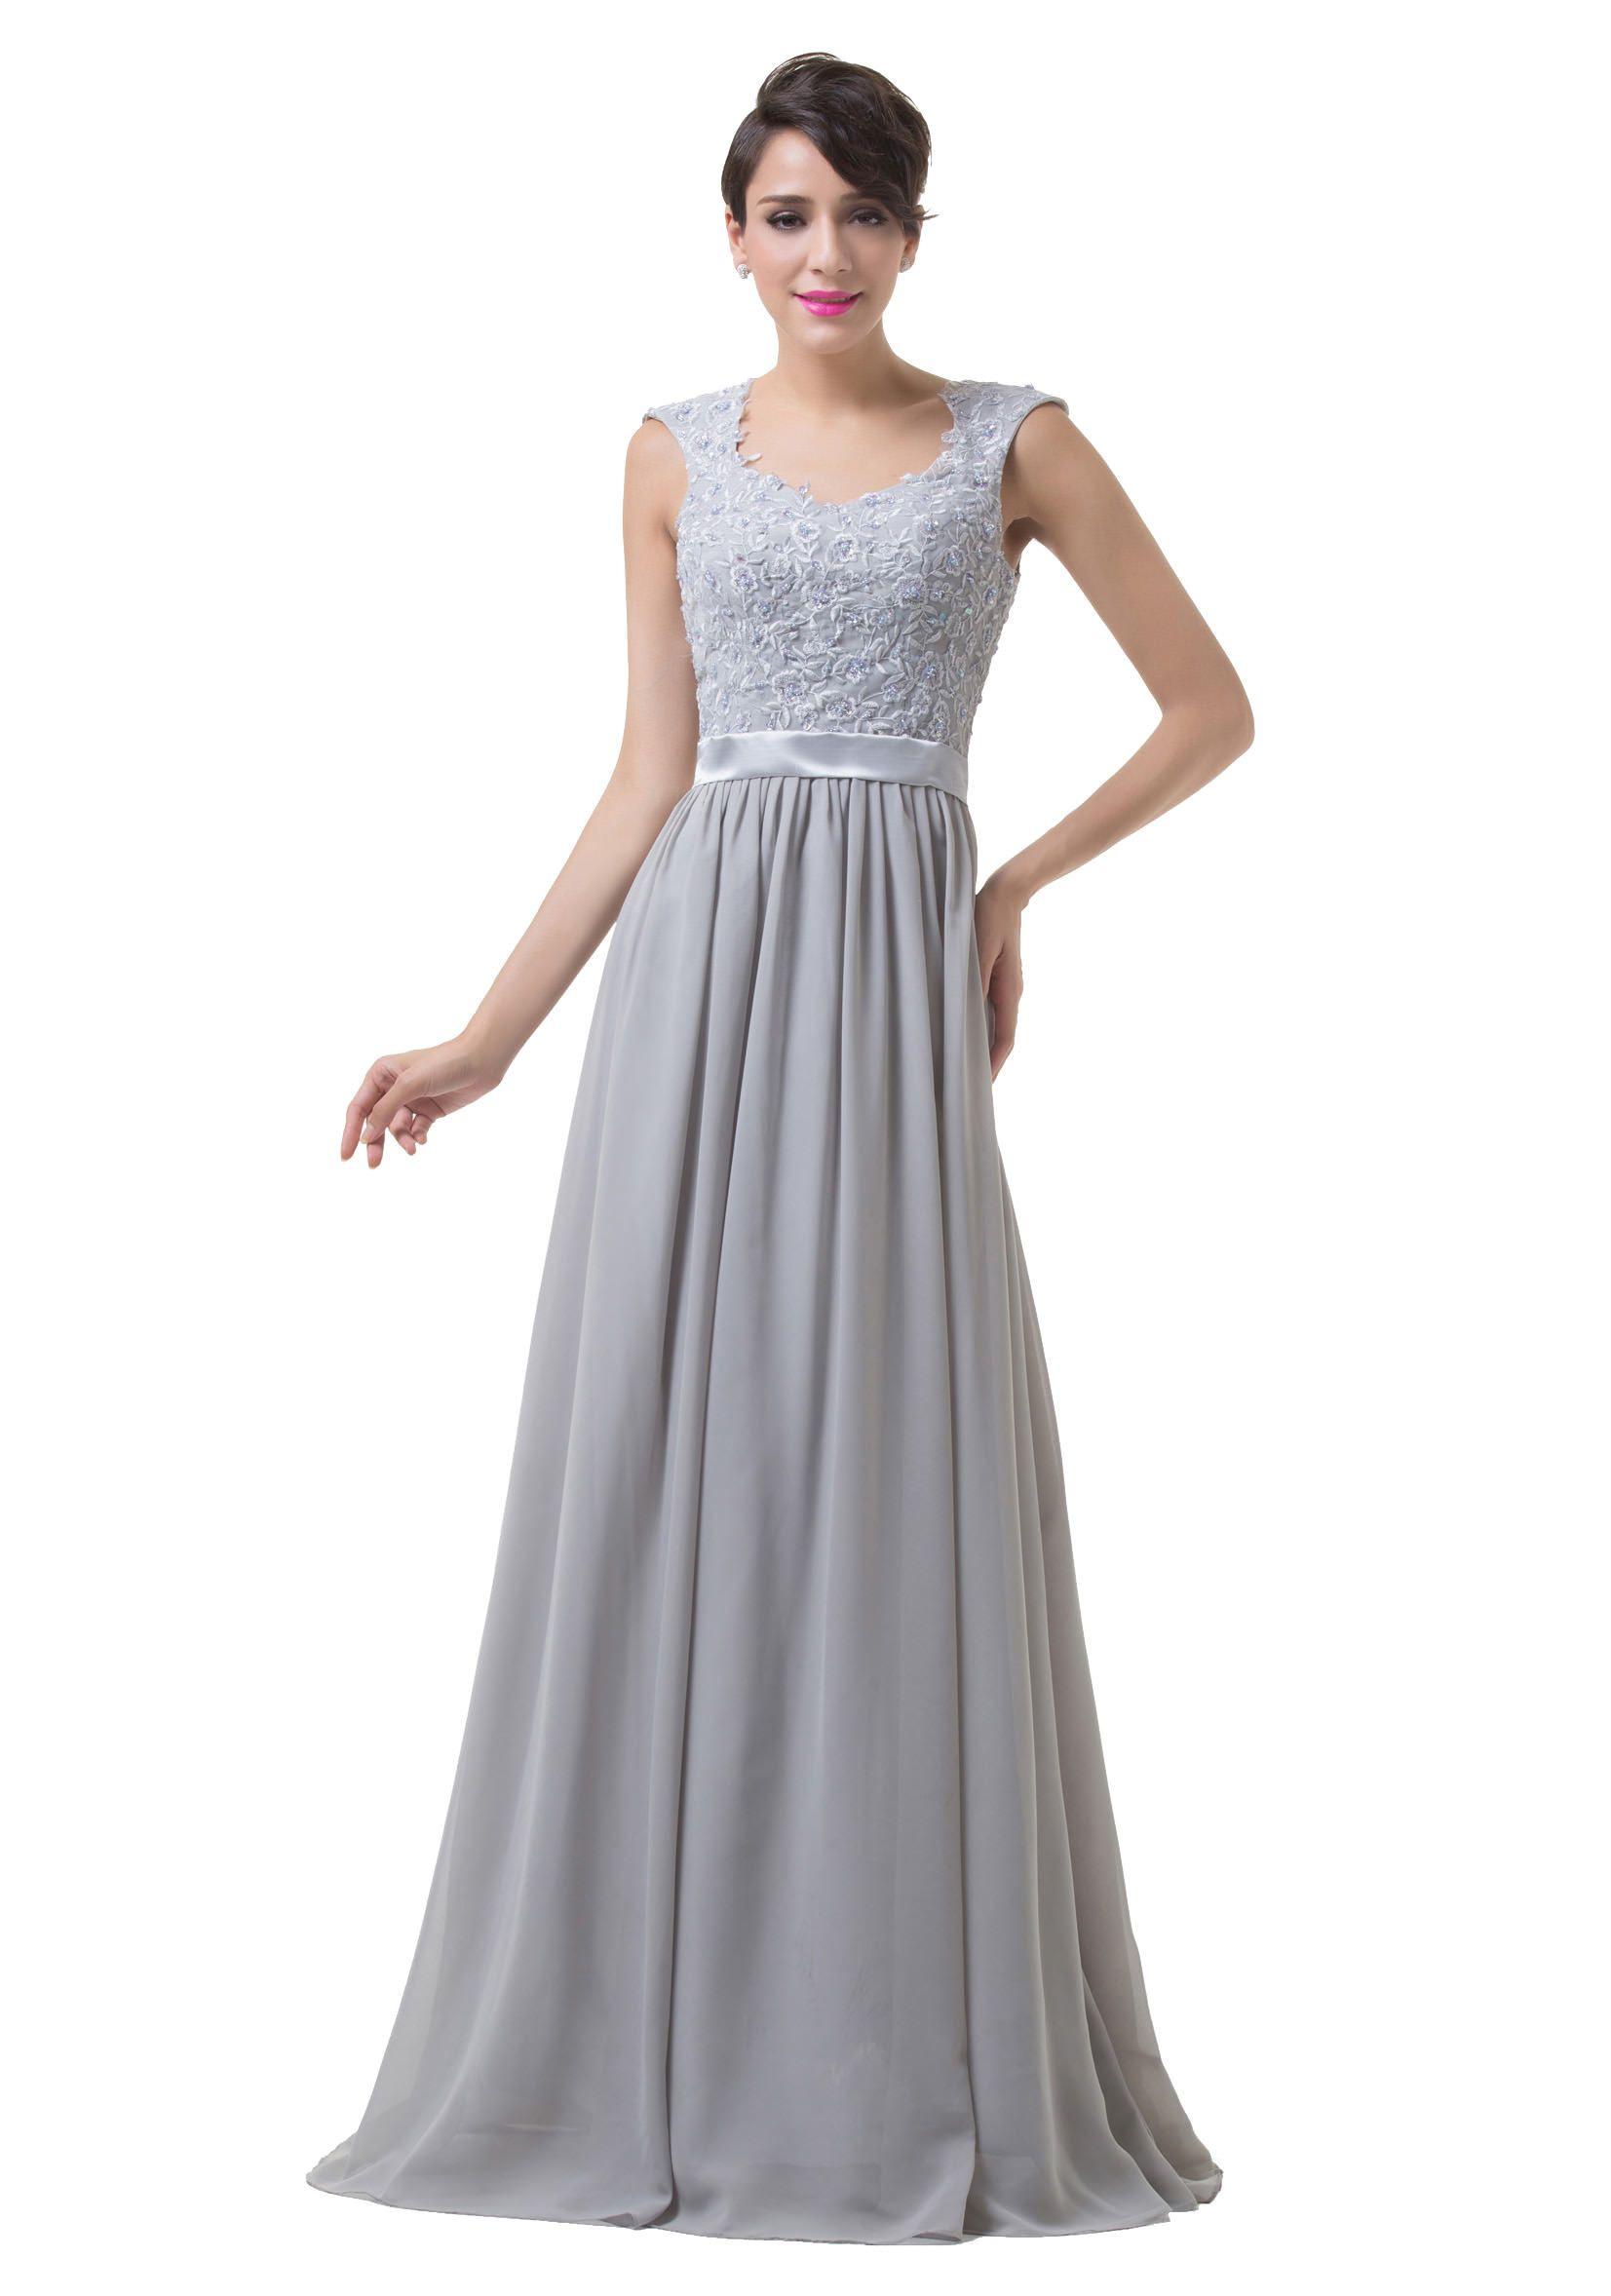 Formal Wunderbar Abendkleid Grau Lang Vertrieb10 Wunderbar Abendkleid Grau Lang Stylish